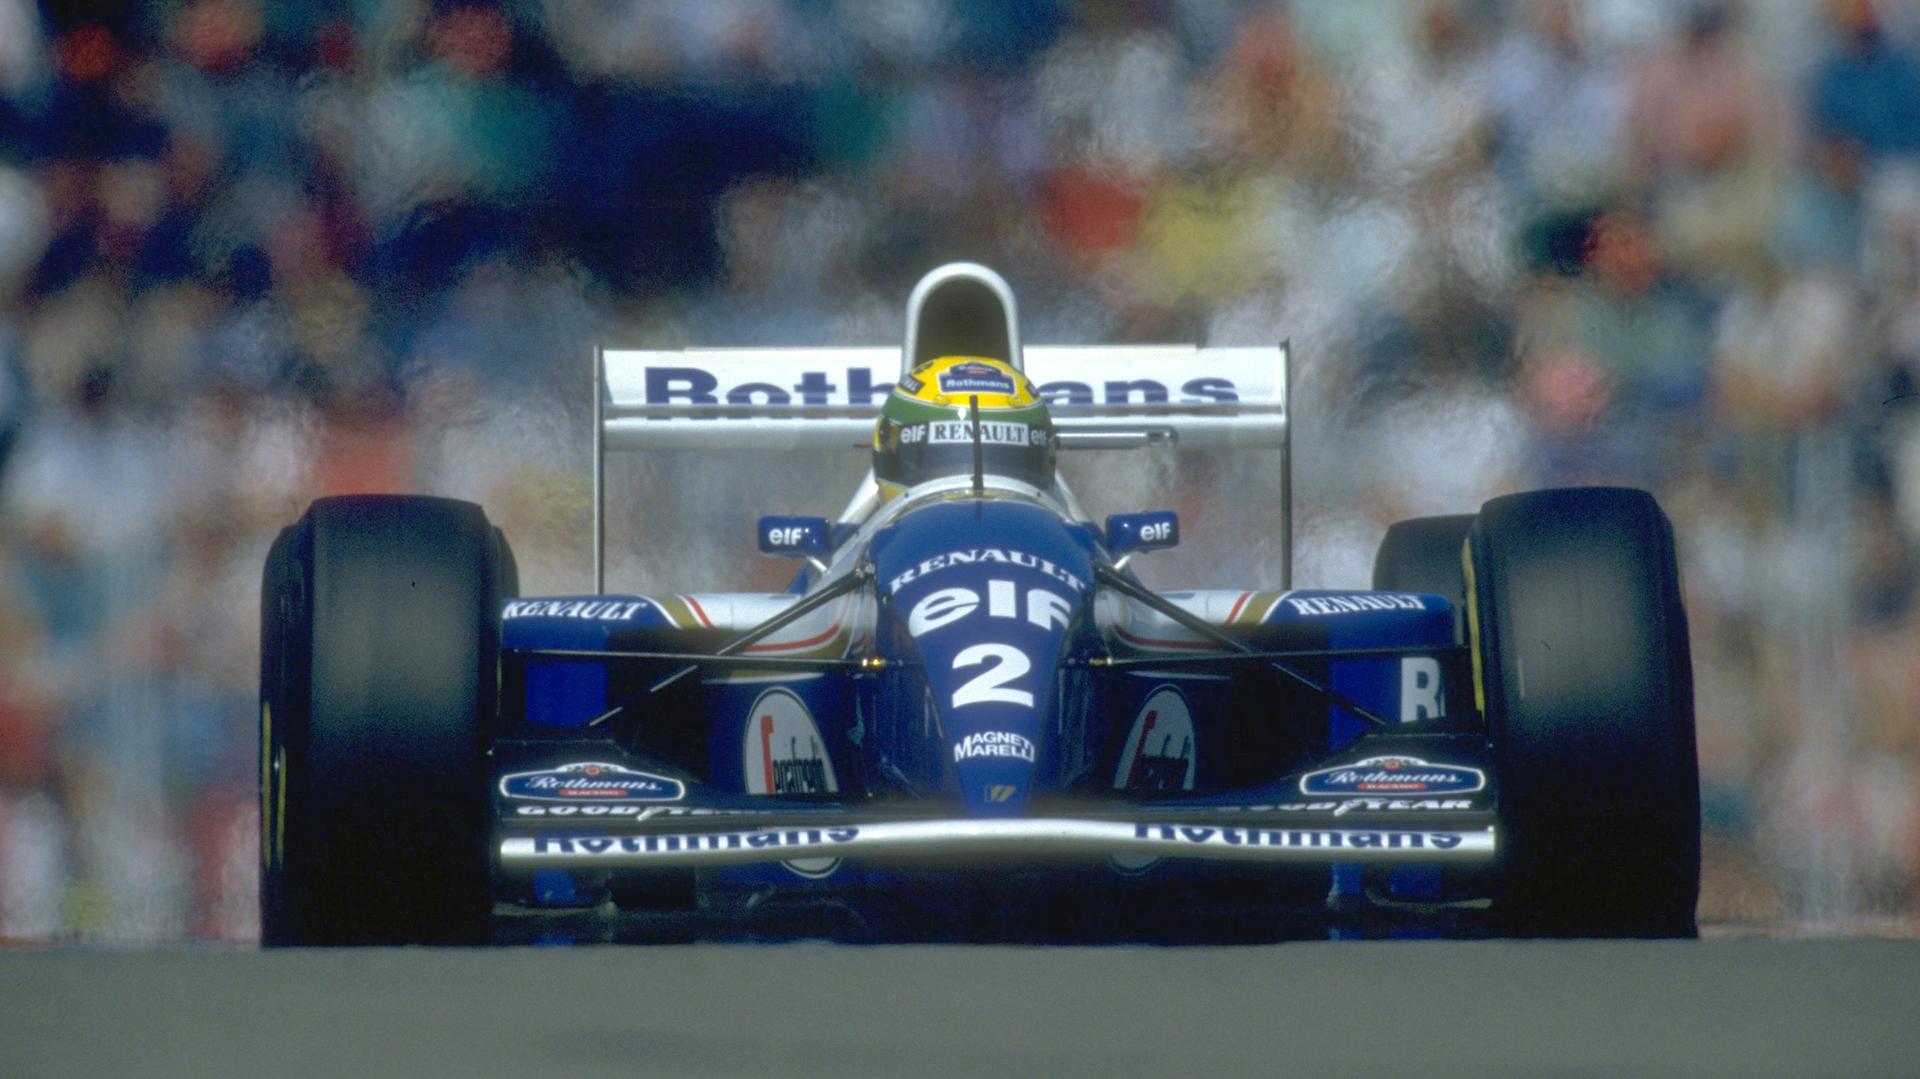 Una de las últimas imágenes del Williams de Senna el 1 de mayo de 1994 en Imola, el día que perdió la vida en un accidente